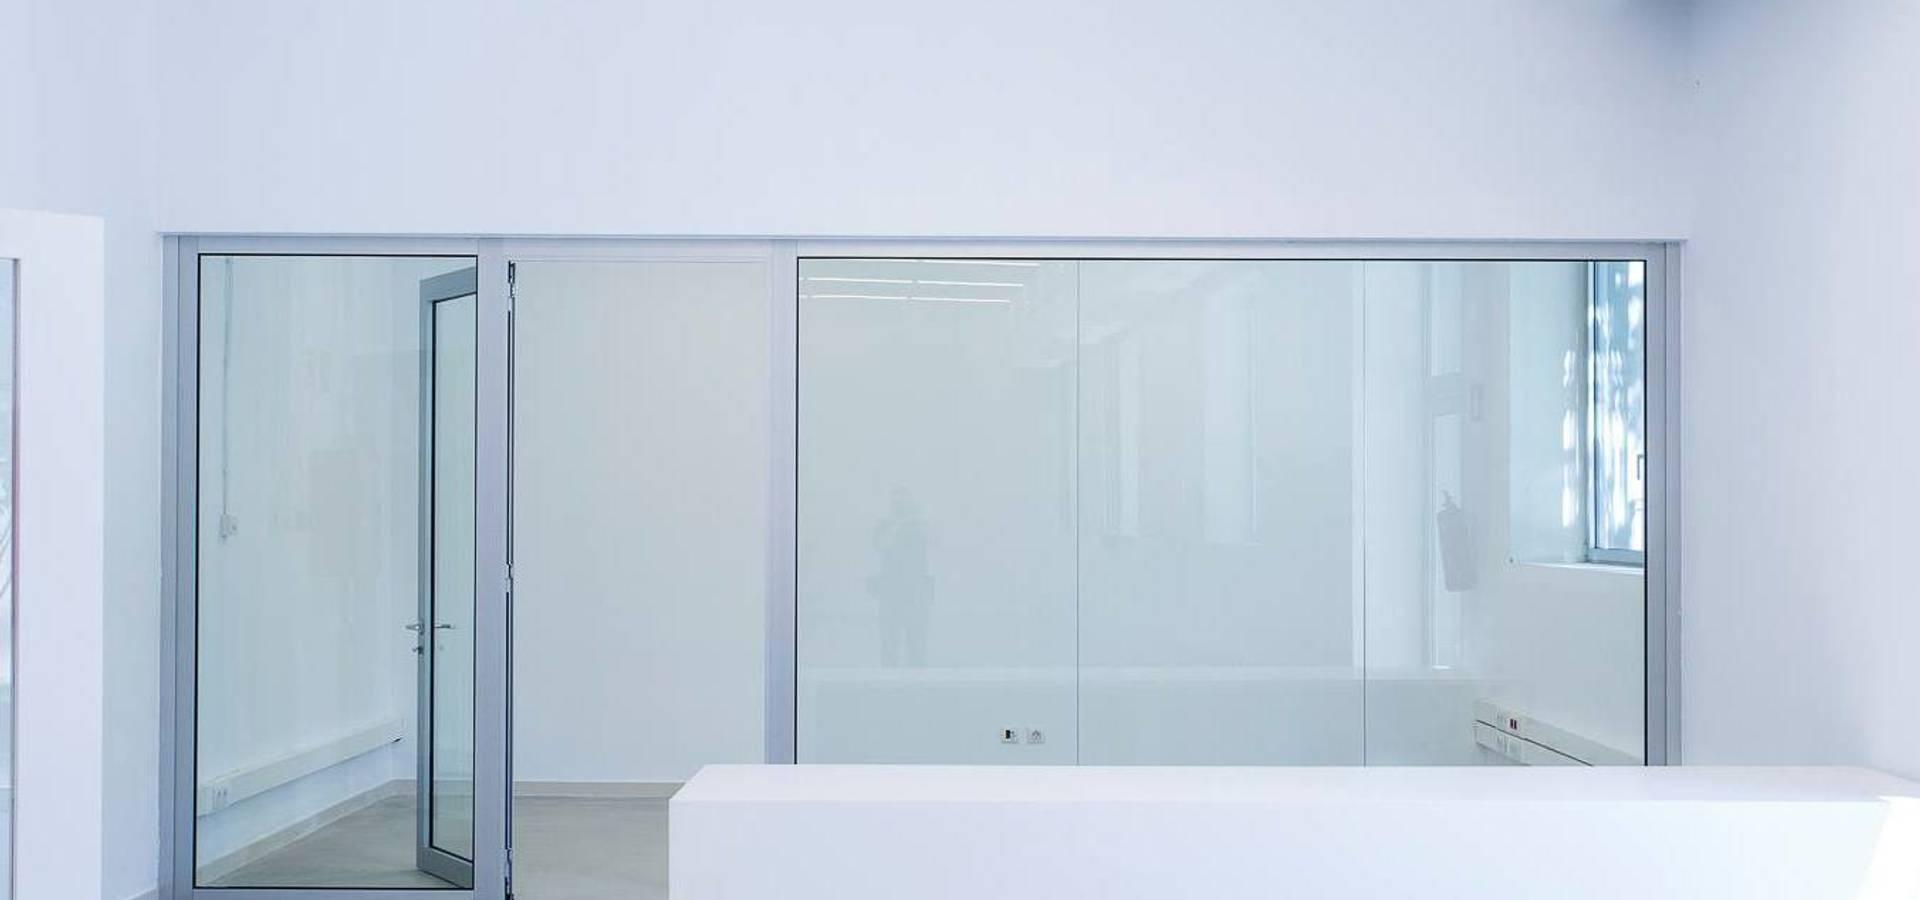 Estudio kaw oficina comercial de los paises bajos en barcelona homify - Consulado holandes barcelona ...